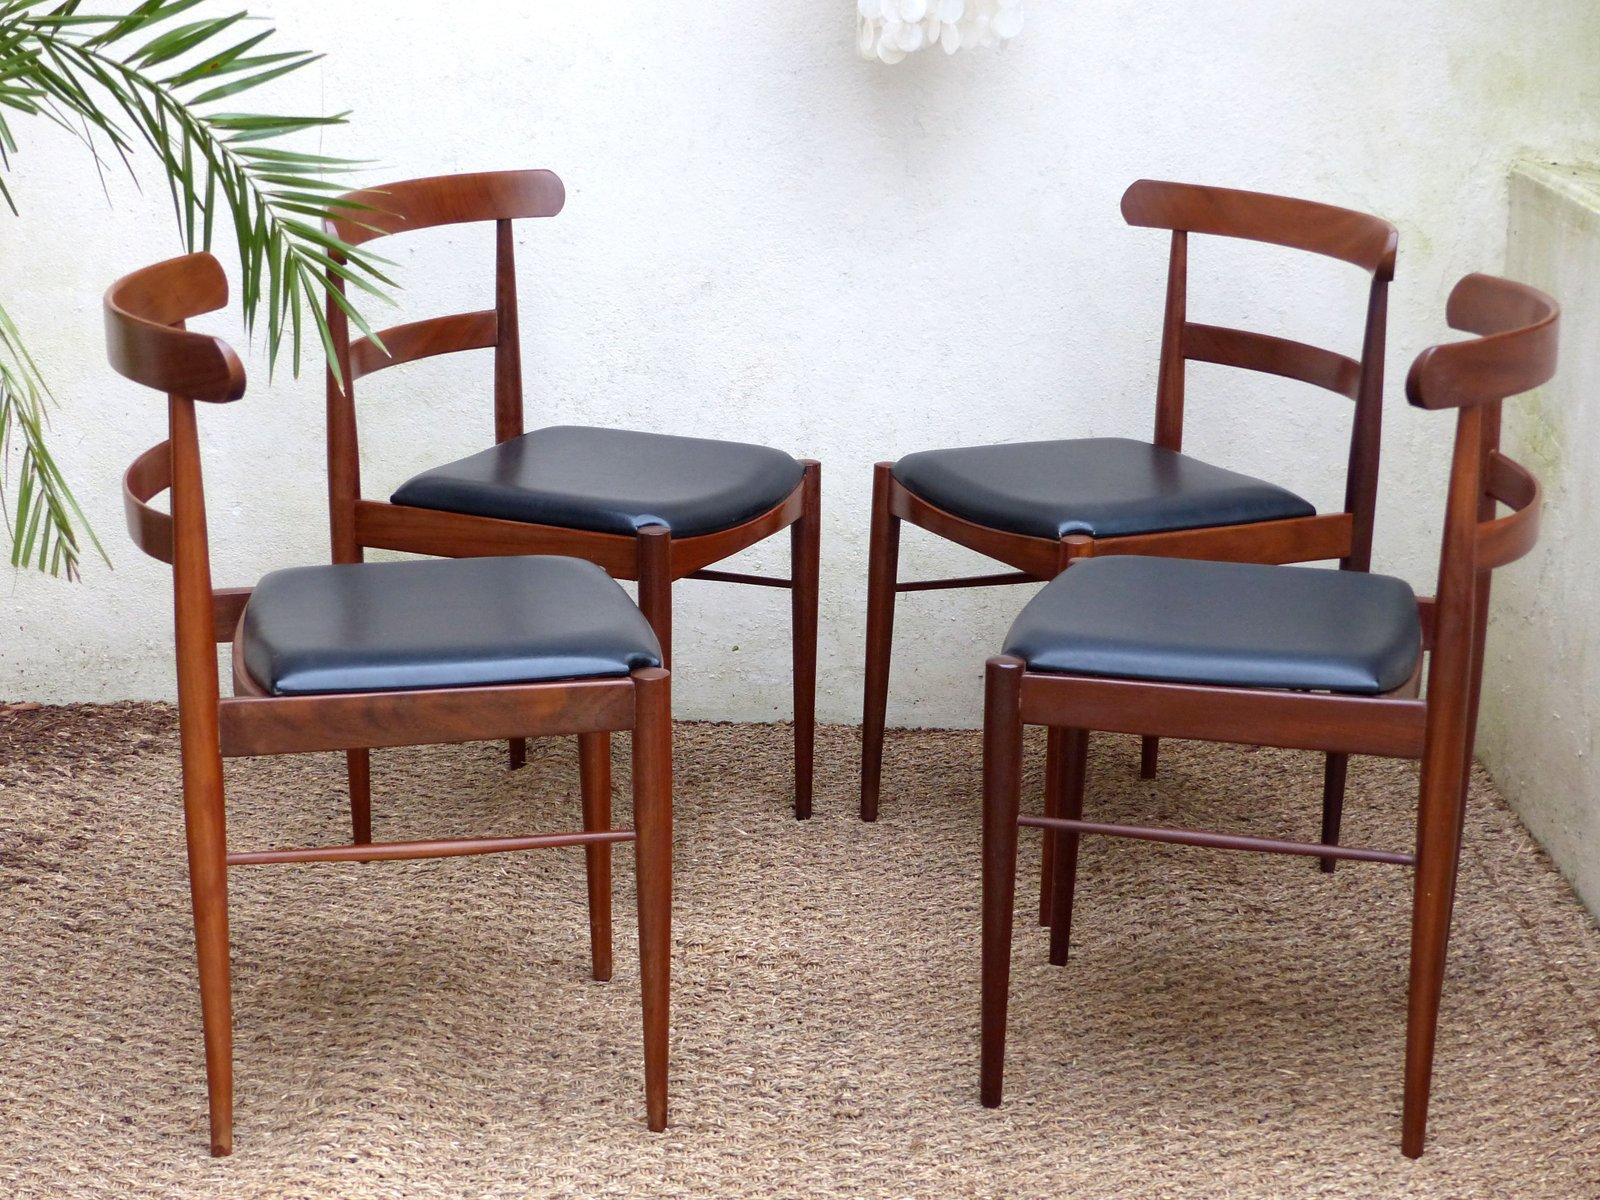 skandinavische palisander st hle 1970er 4er set bei. Black Bedroom Furniture Sets. Home Design Ideas